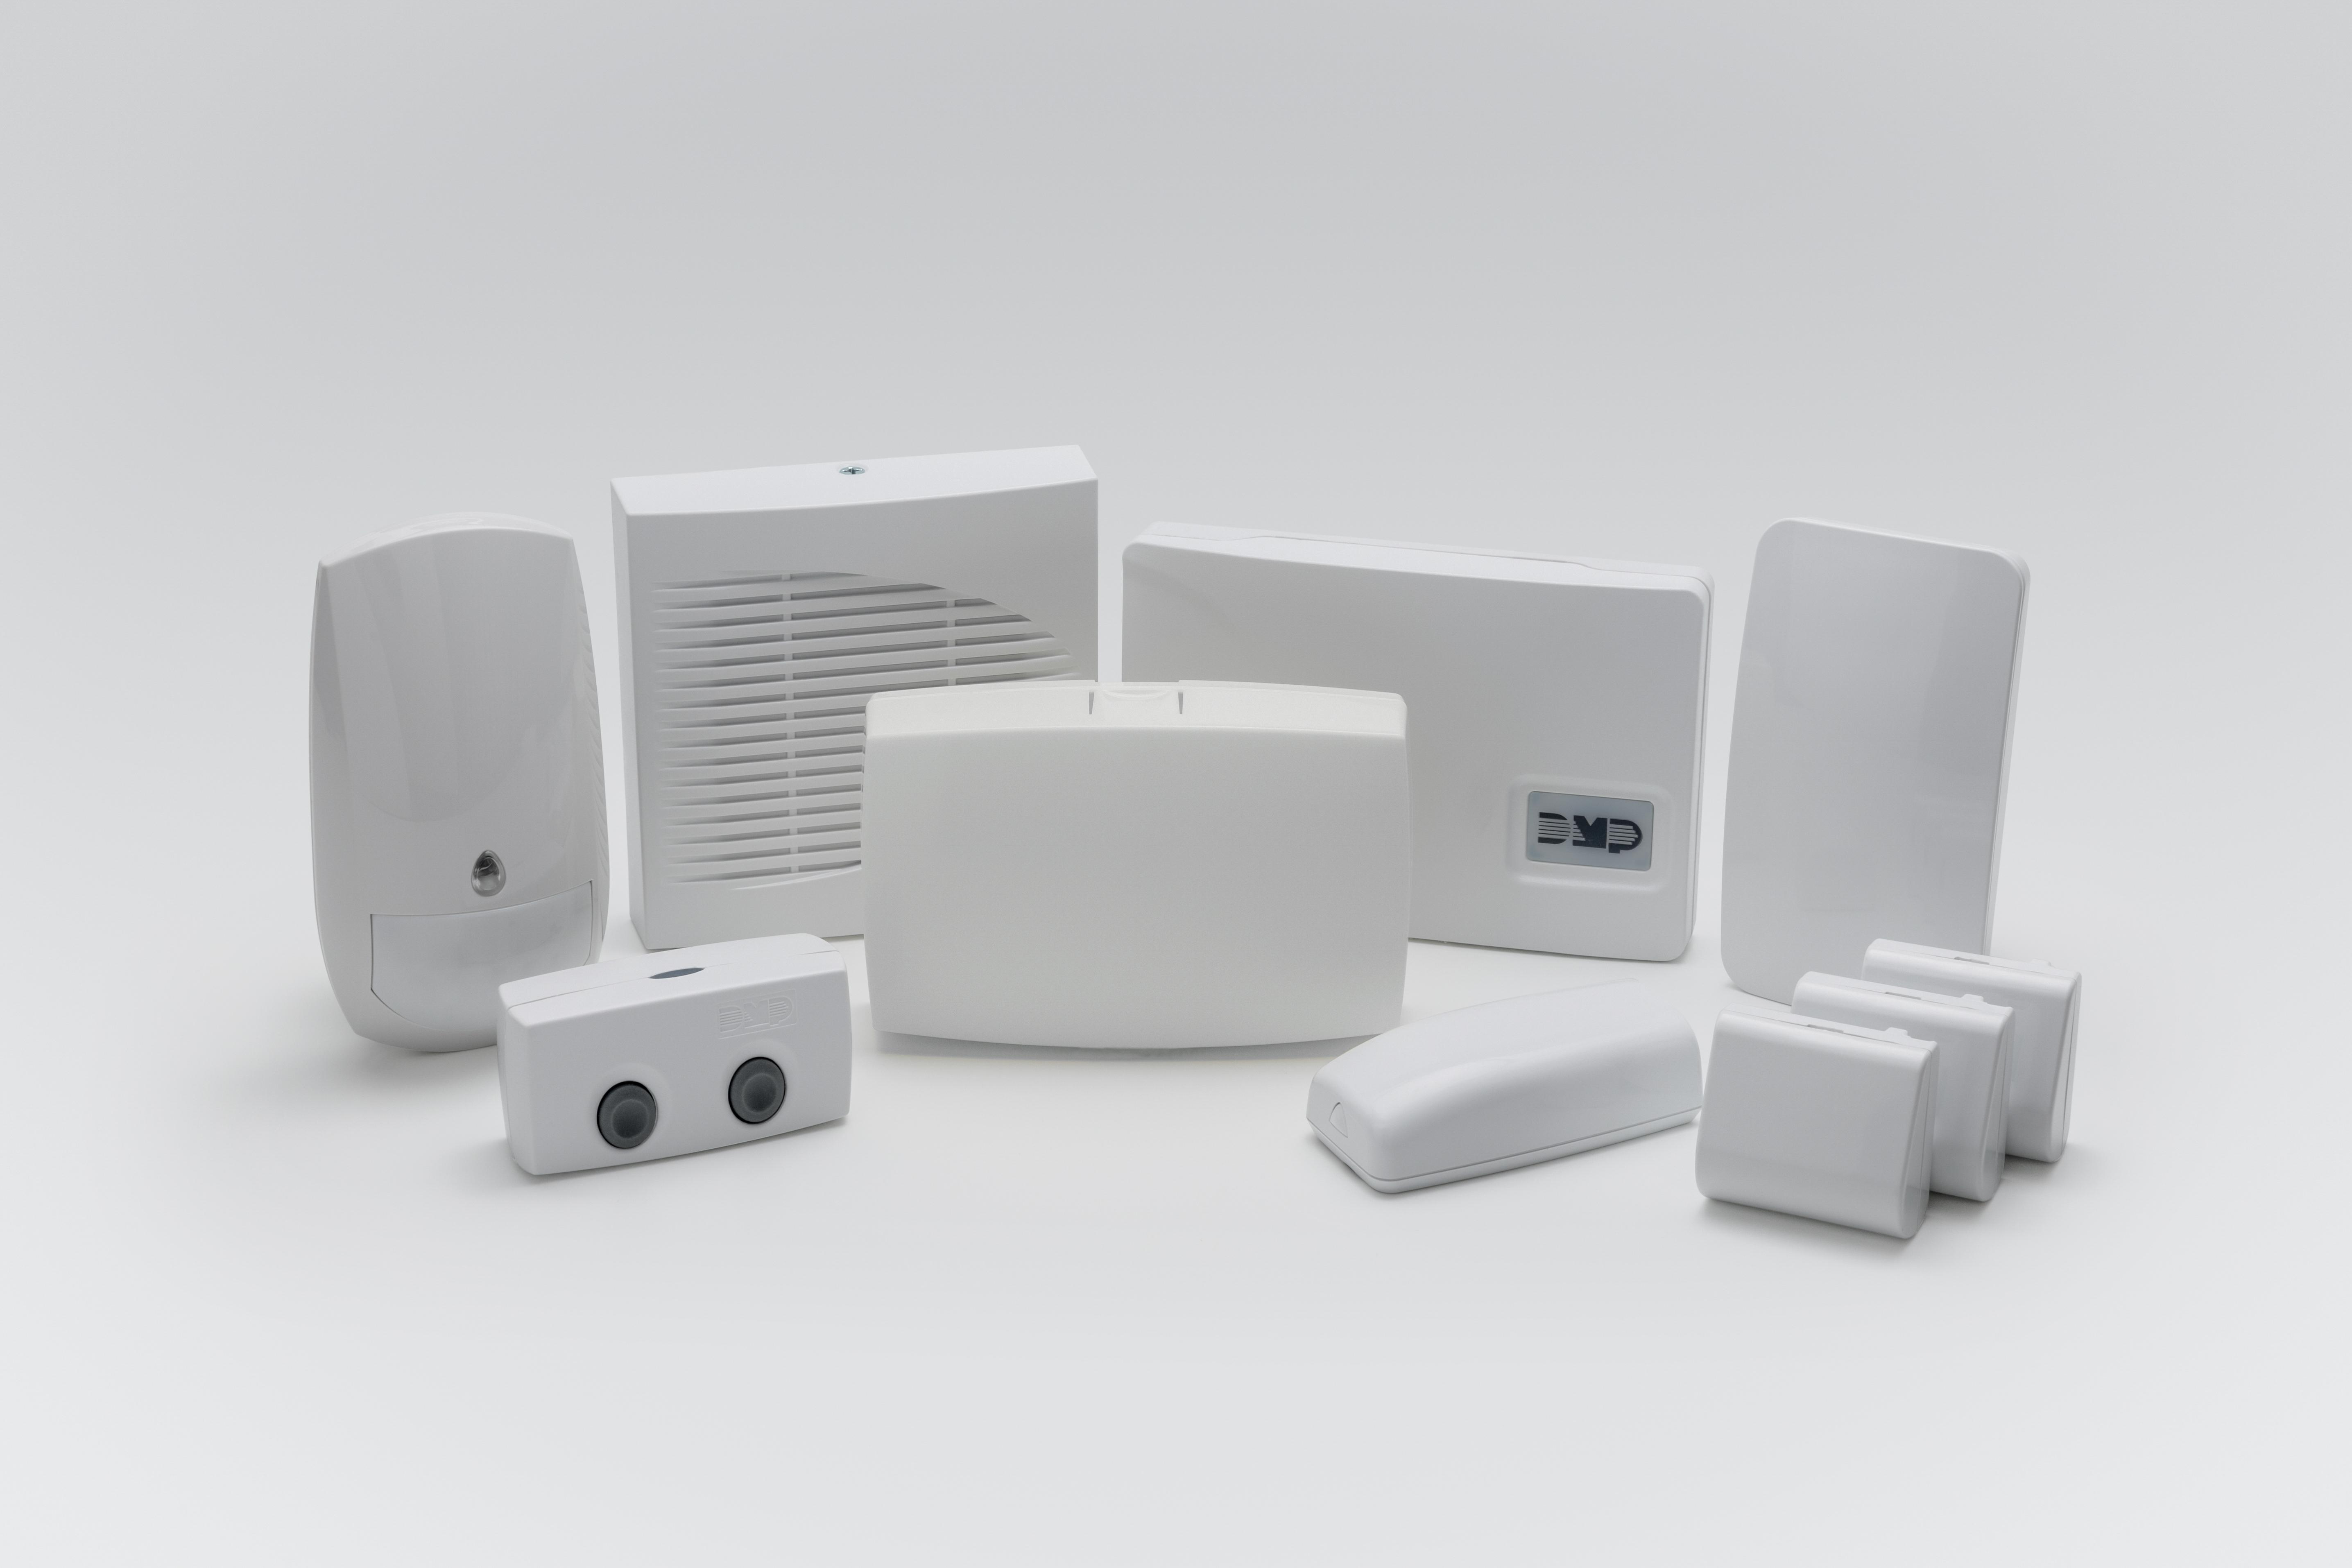 Burglary Sensors